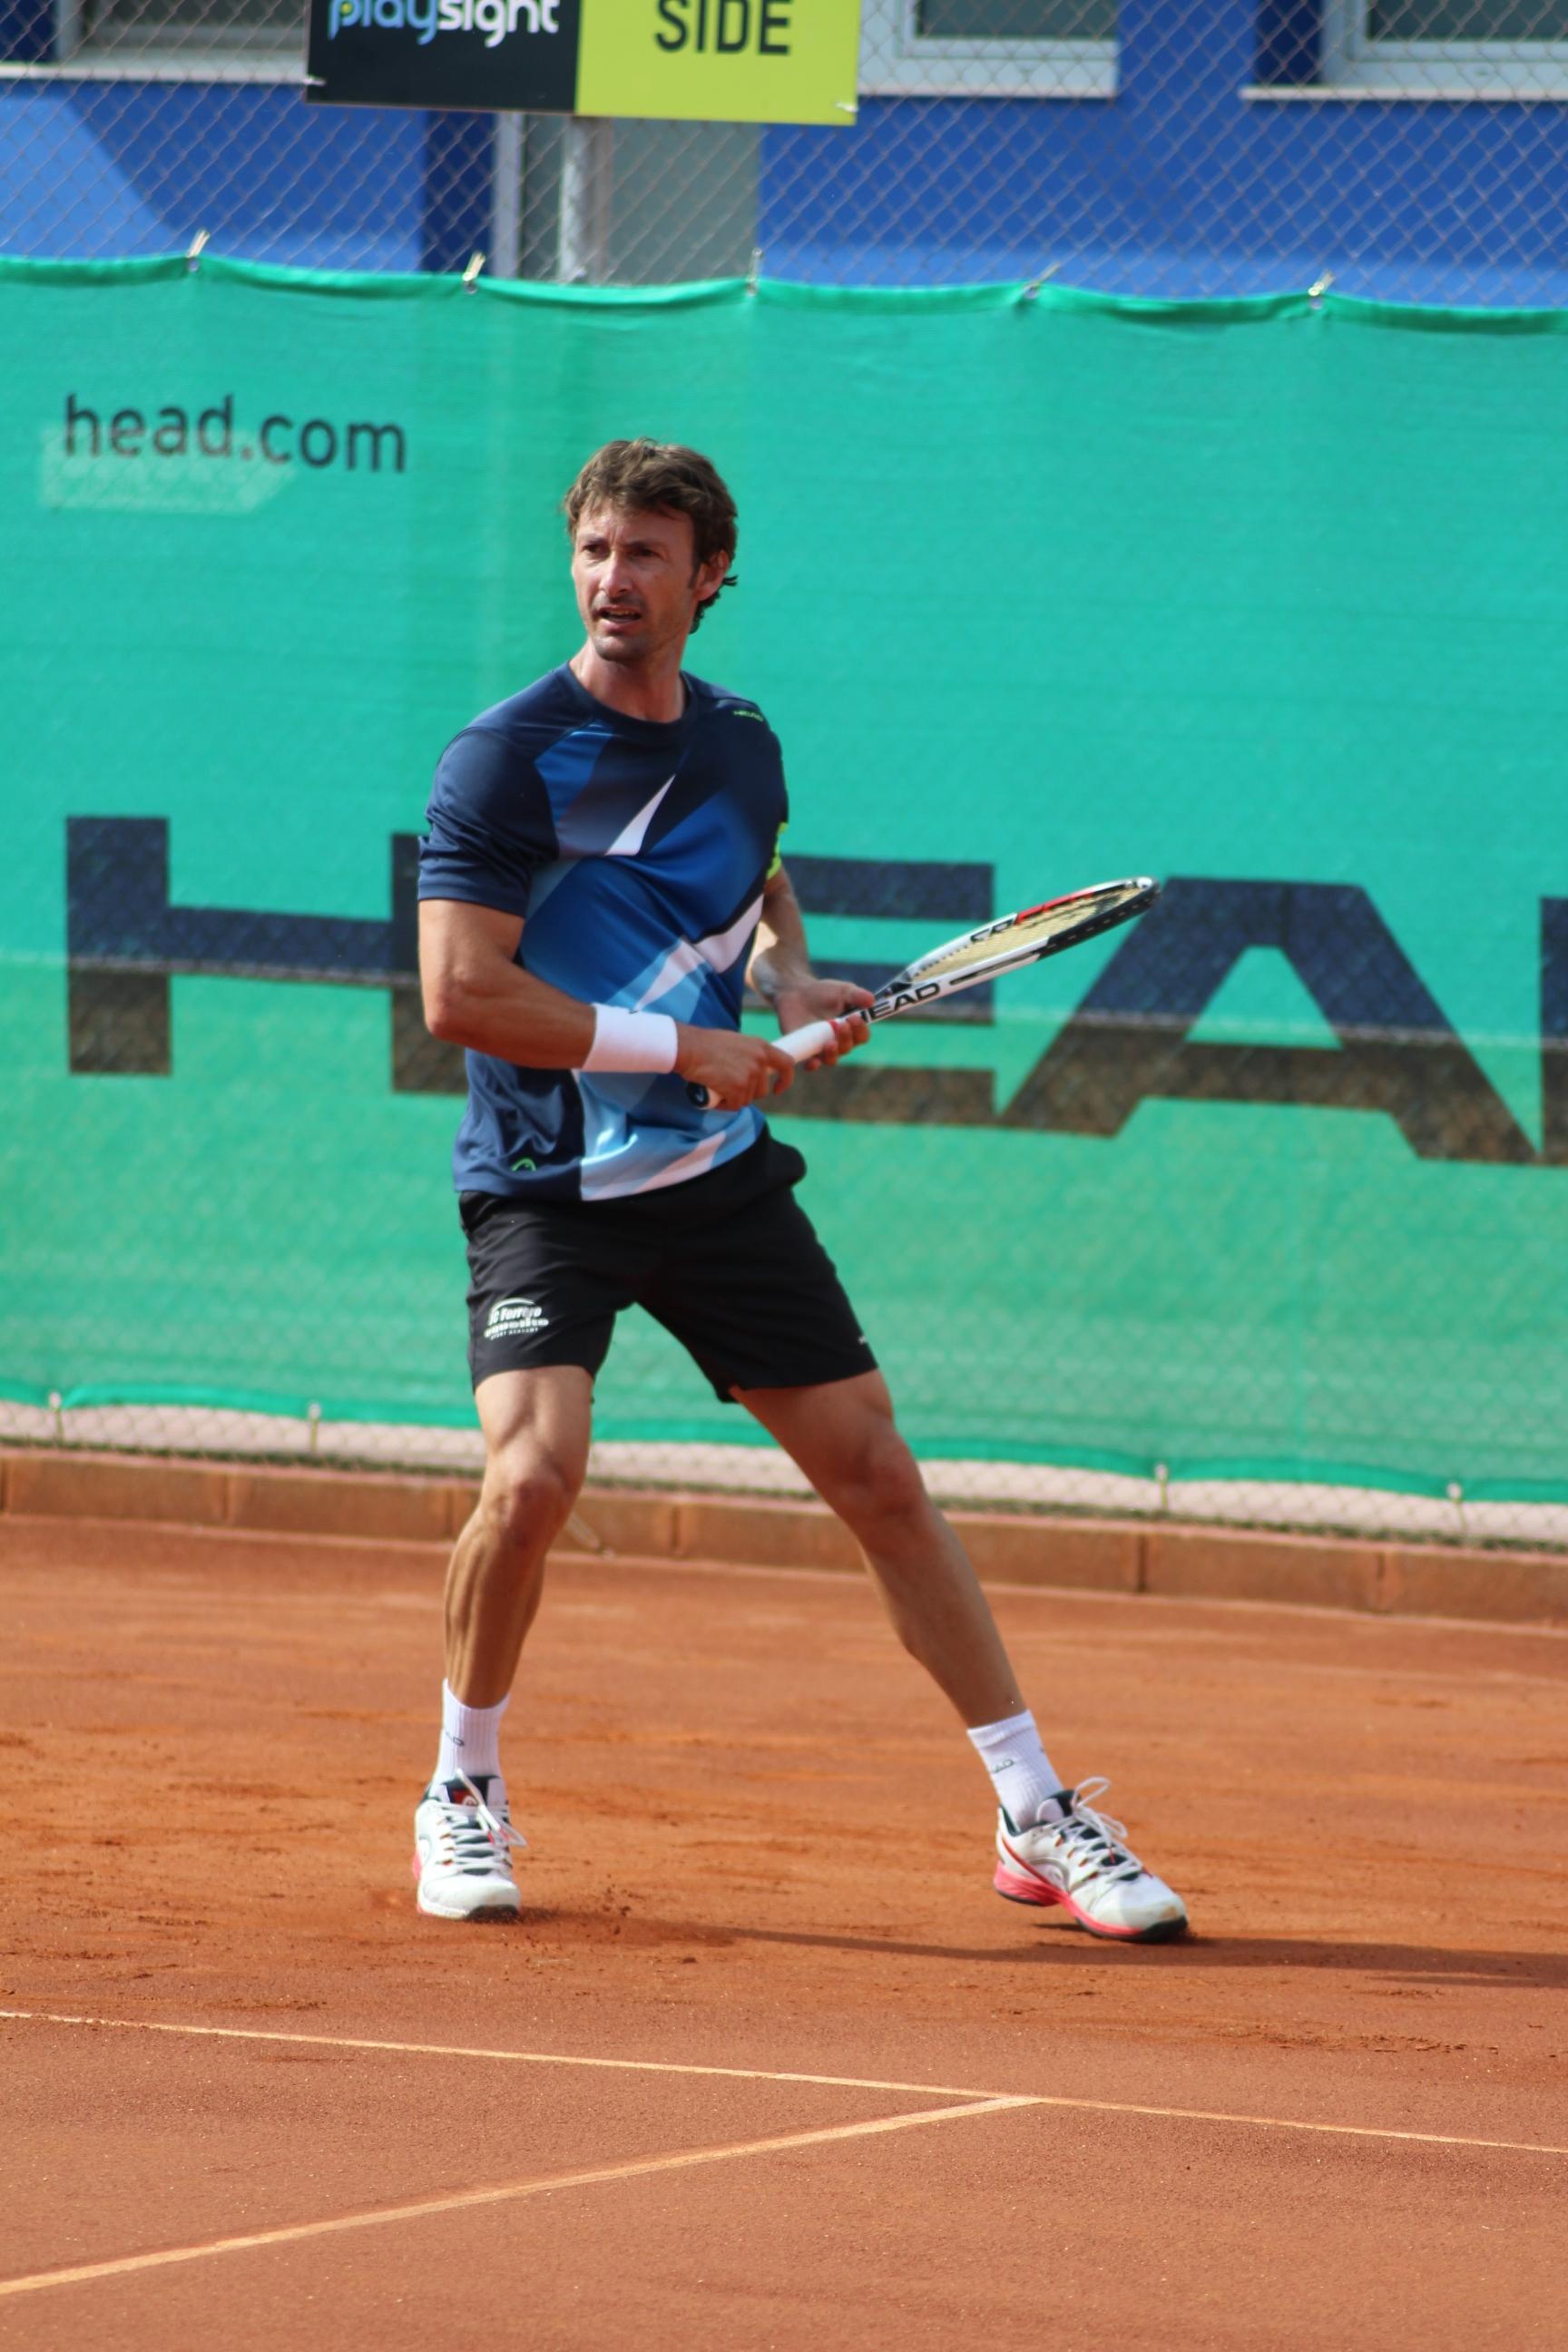 Programa de competición para tenistas profesionales